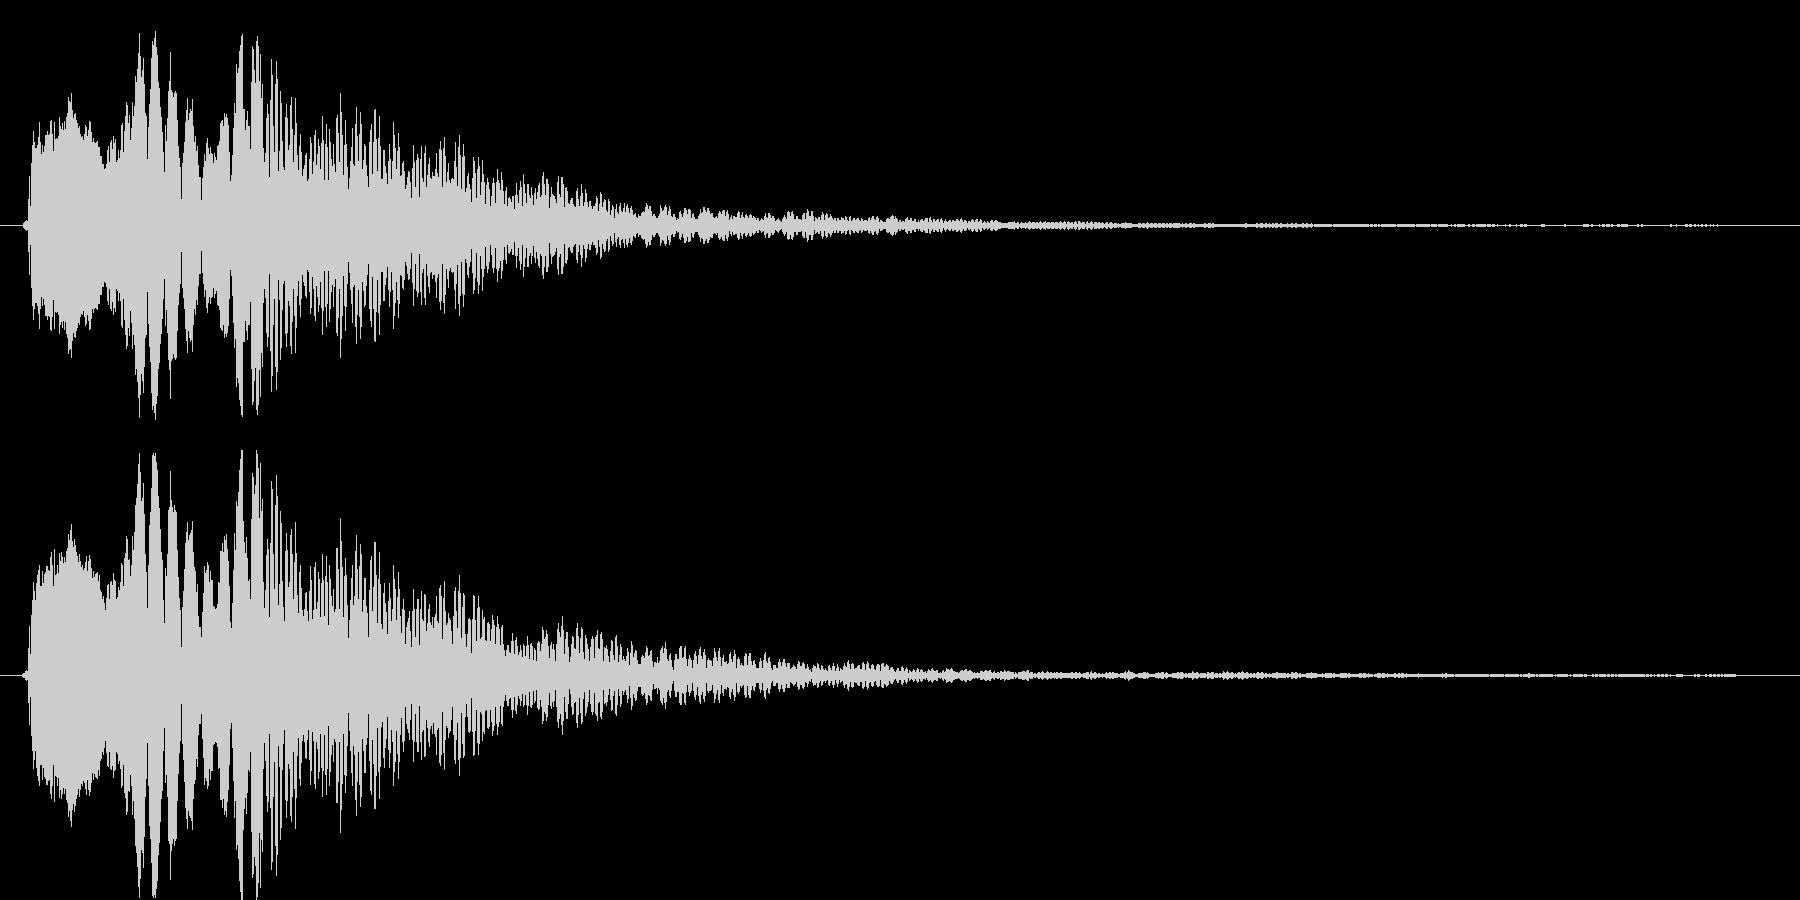 上から下に流れるビープ音の未再生の波形